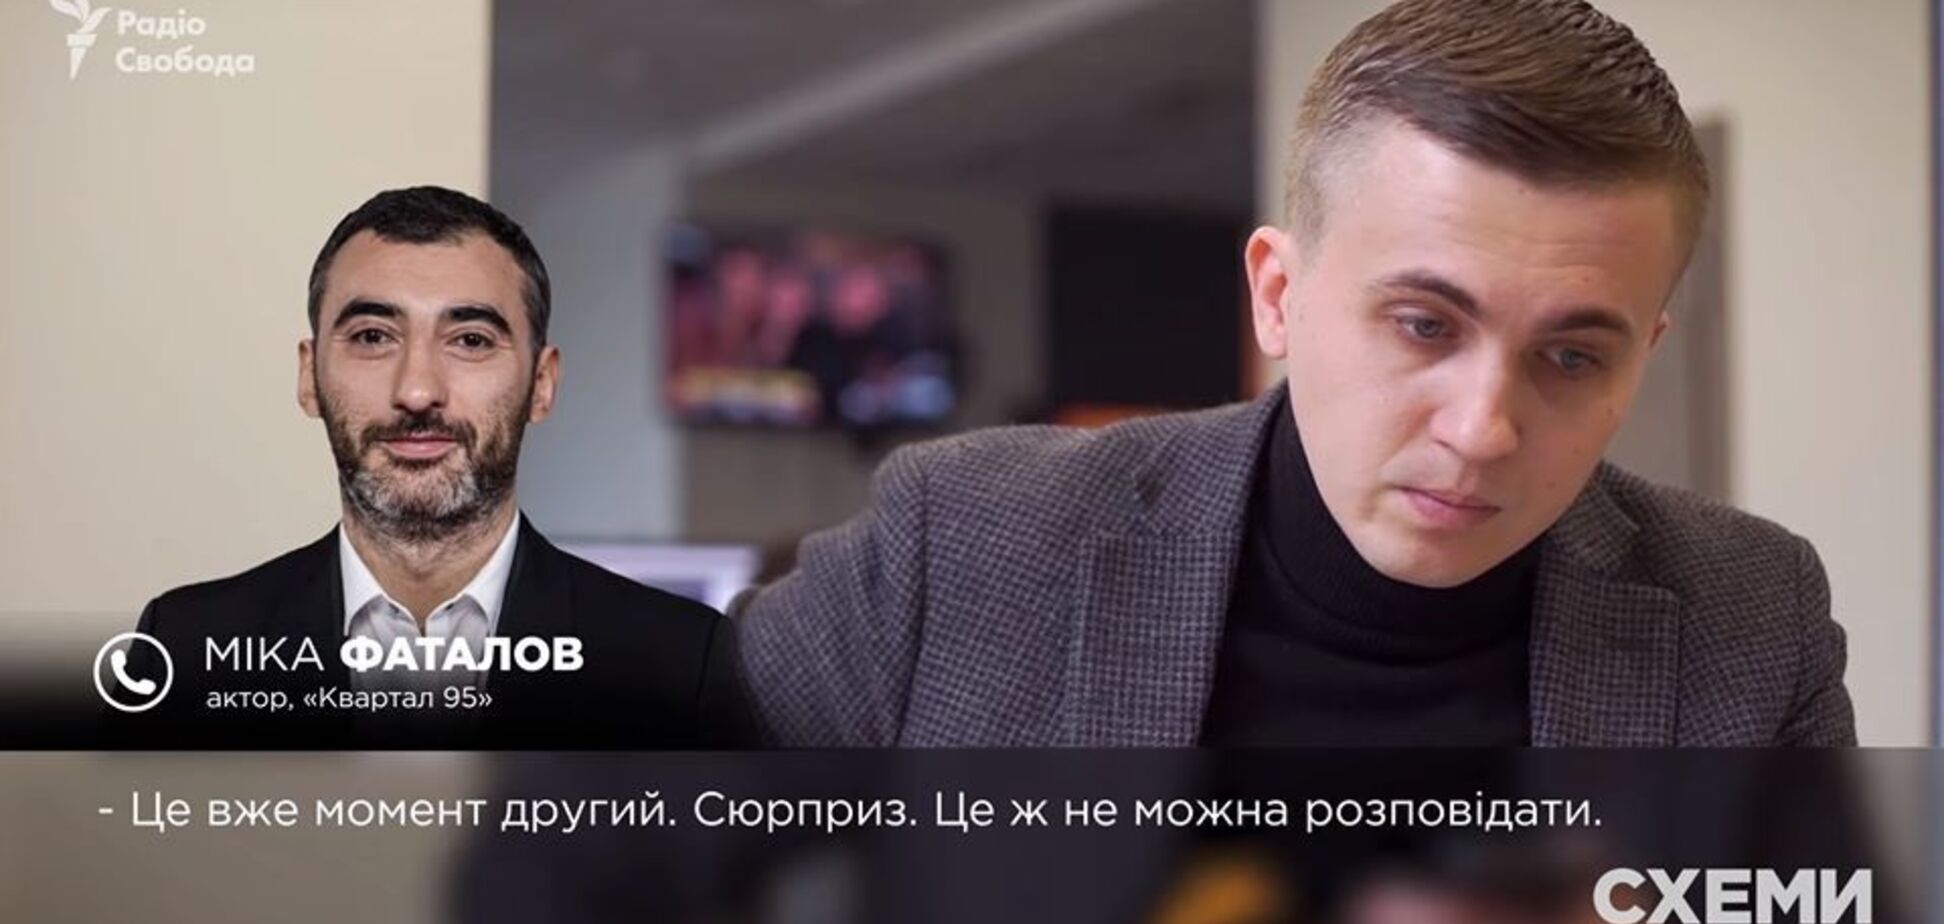 ''Сюрприз, рассказывать нельзя'': окружение Зеленского тайно встречается с олигархами и бизнесменами